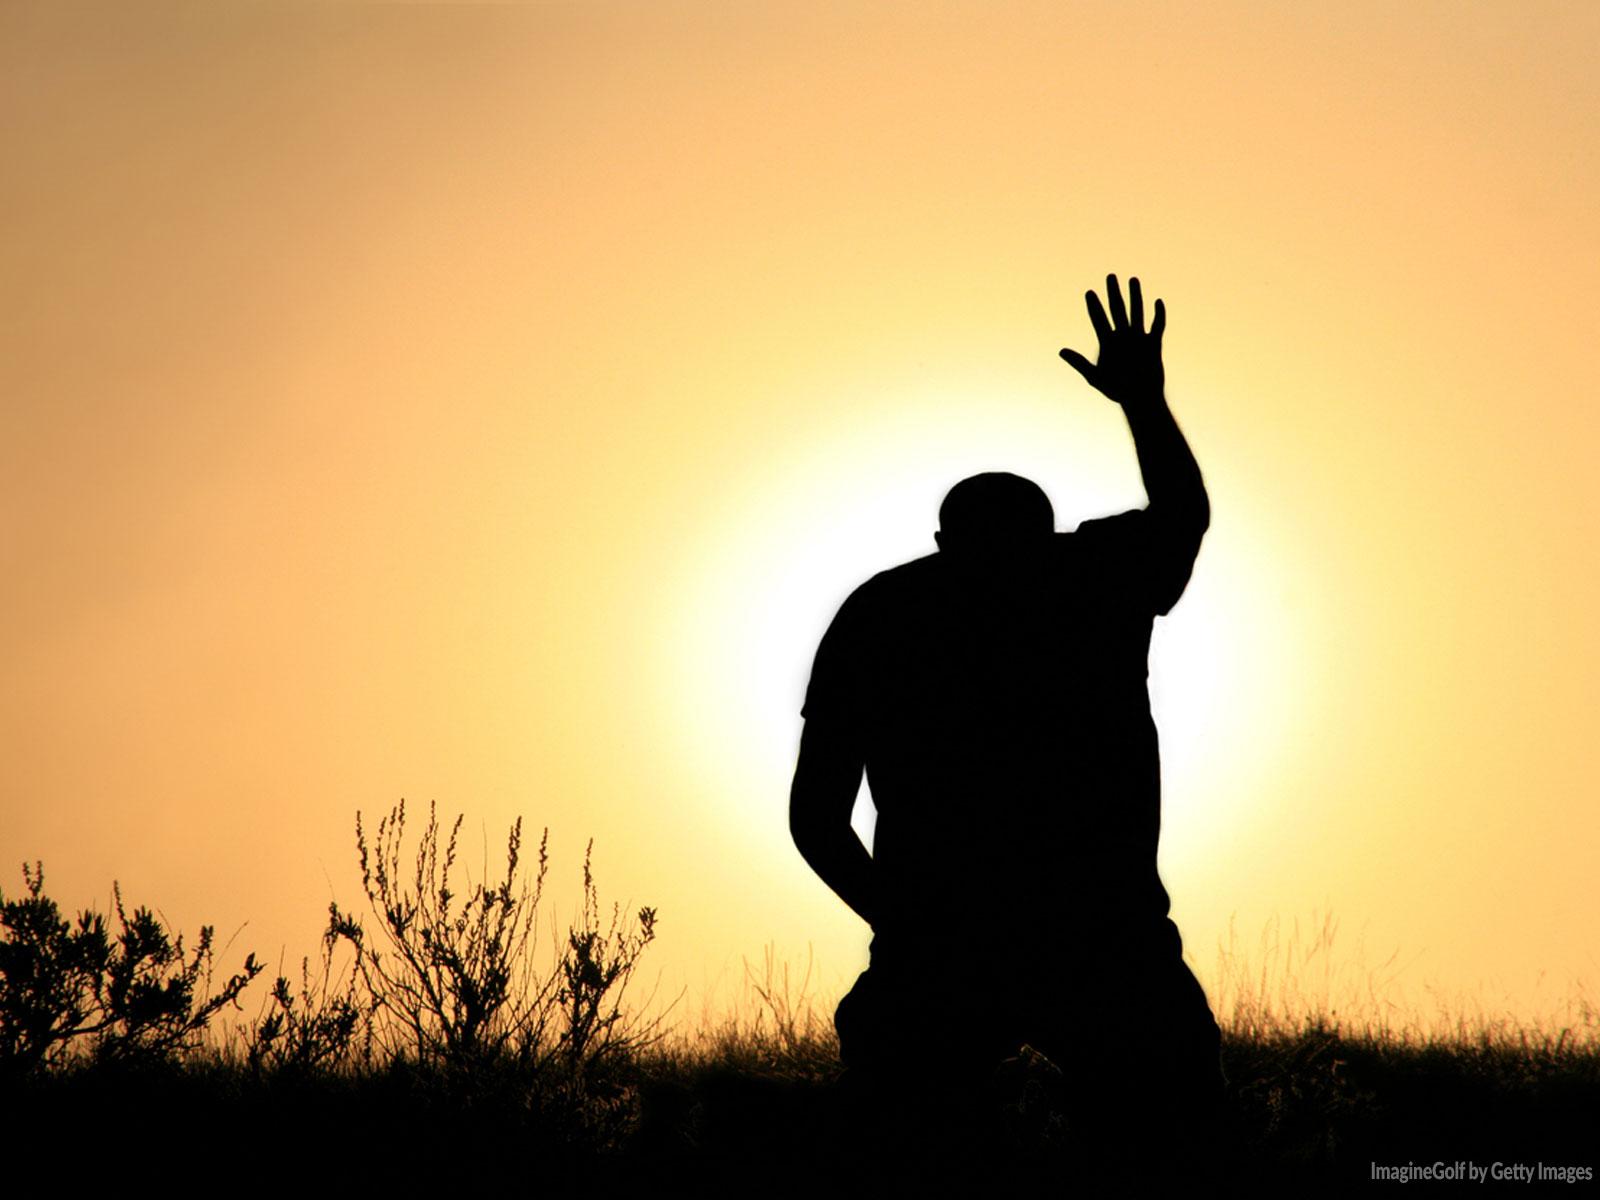 -Vitória-em-Cristo-os-poderes-do-inferno-e-da-morte-já-foram-vencidos